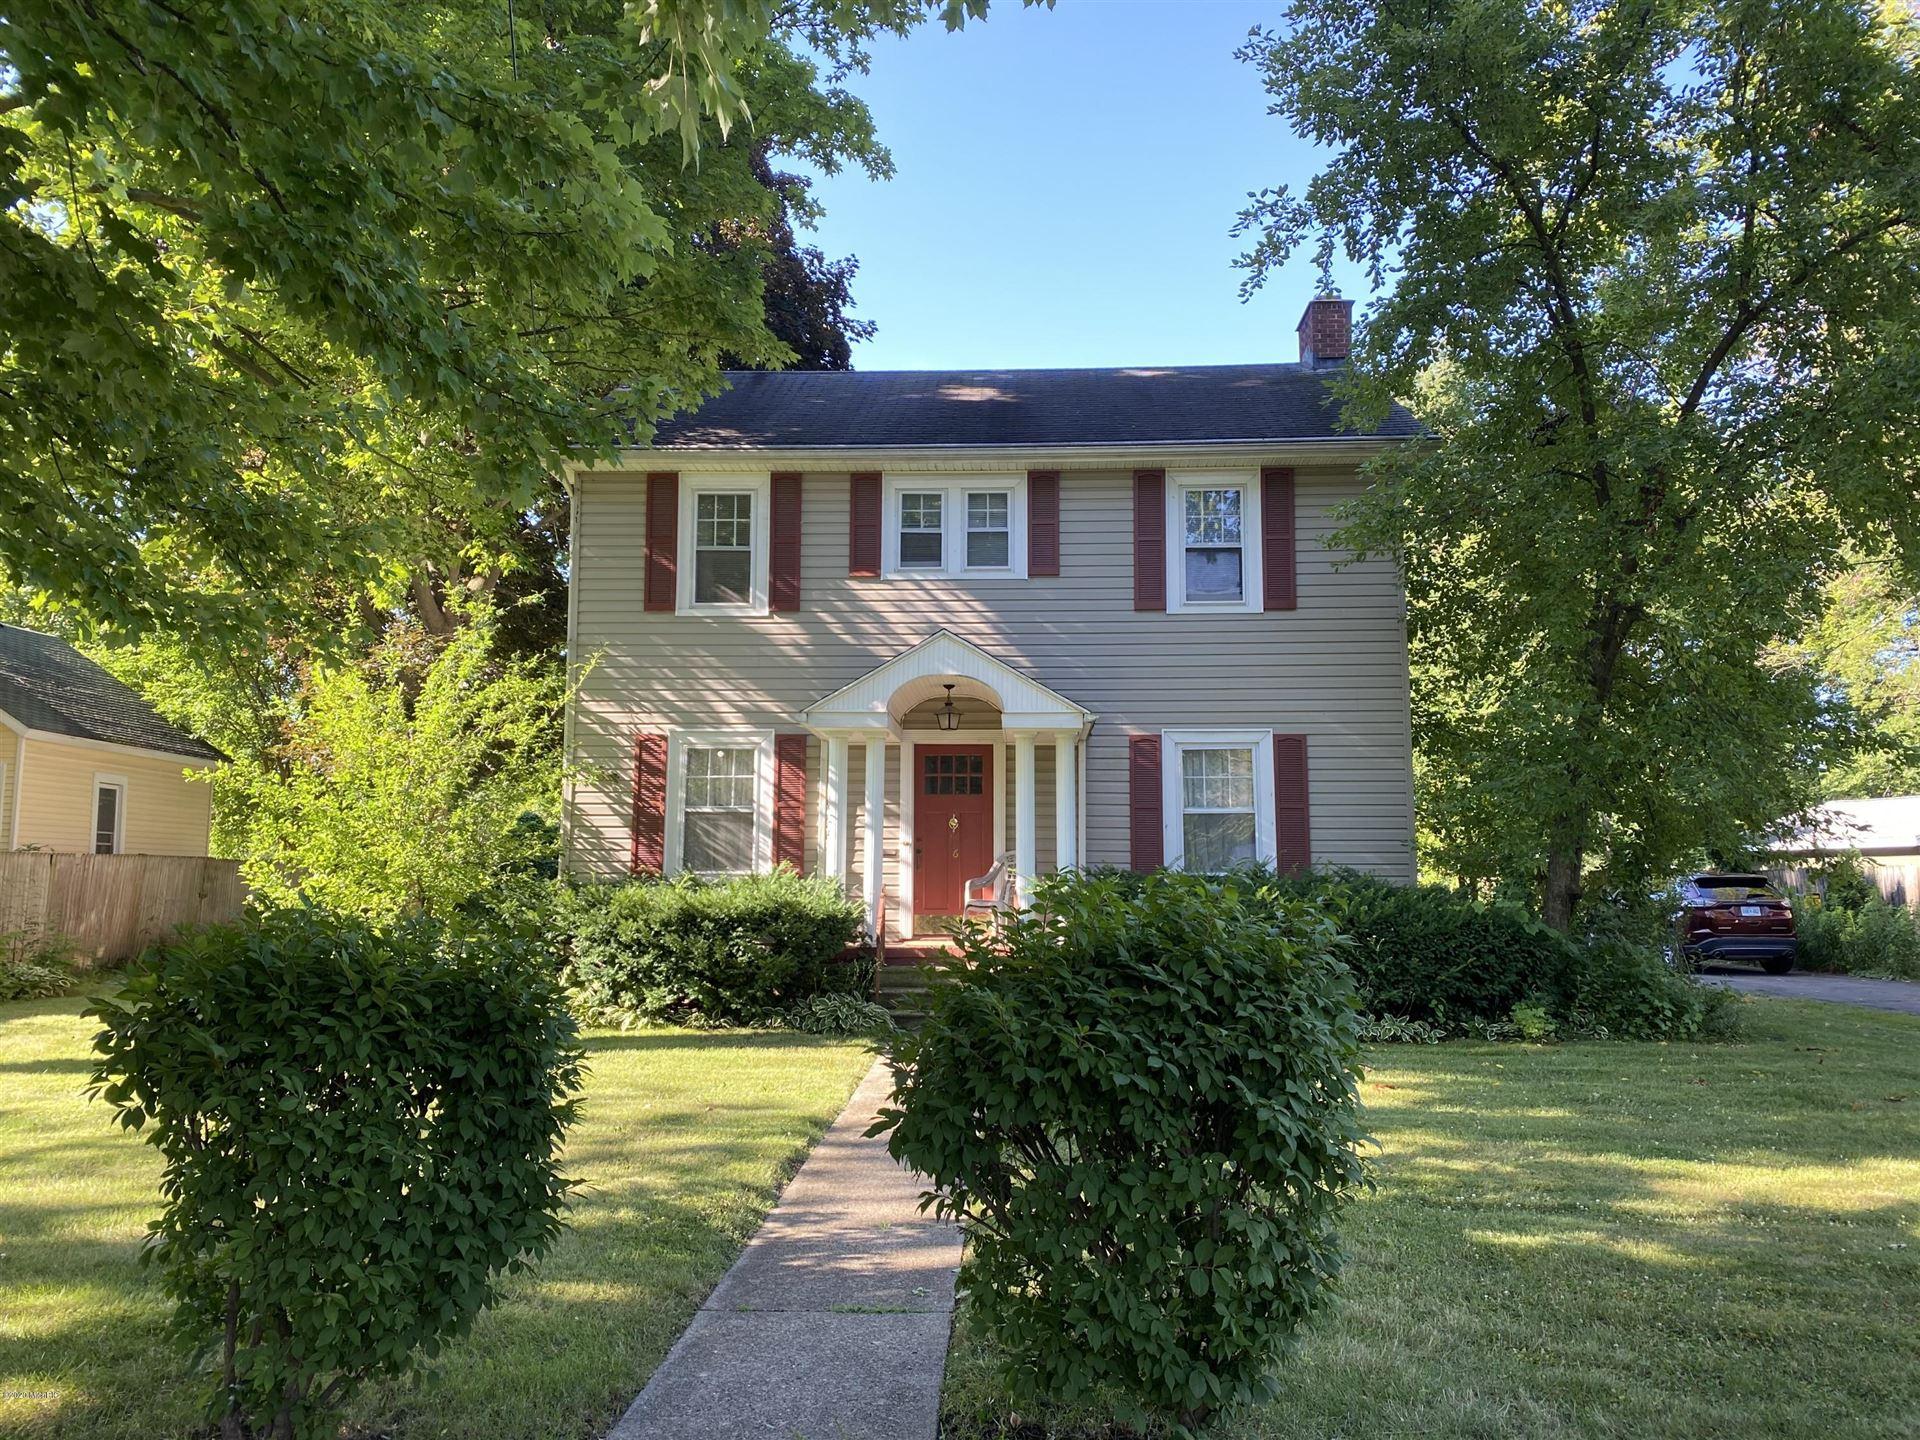 136 E Pearl Street, Coldwater, MI 49036 - MLS#: 20026763